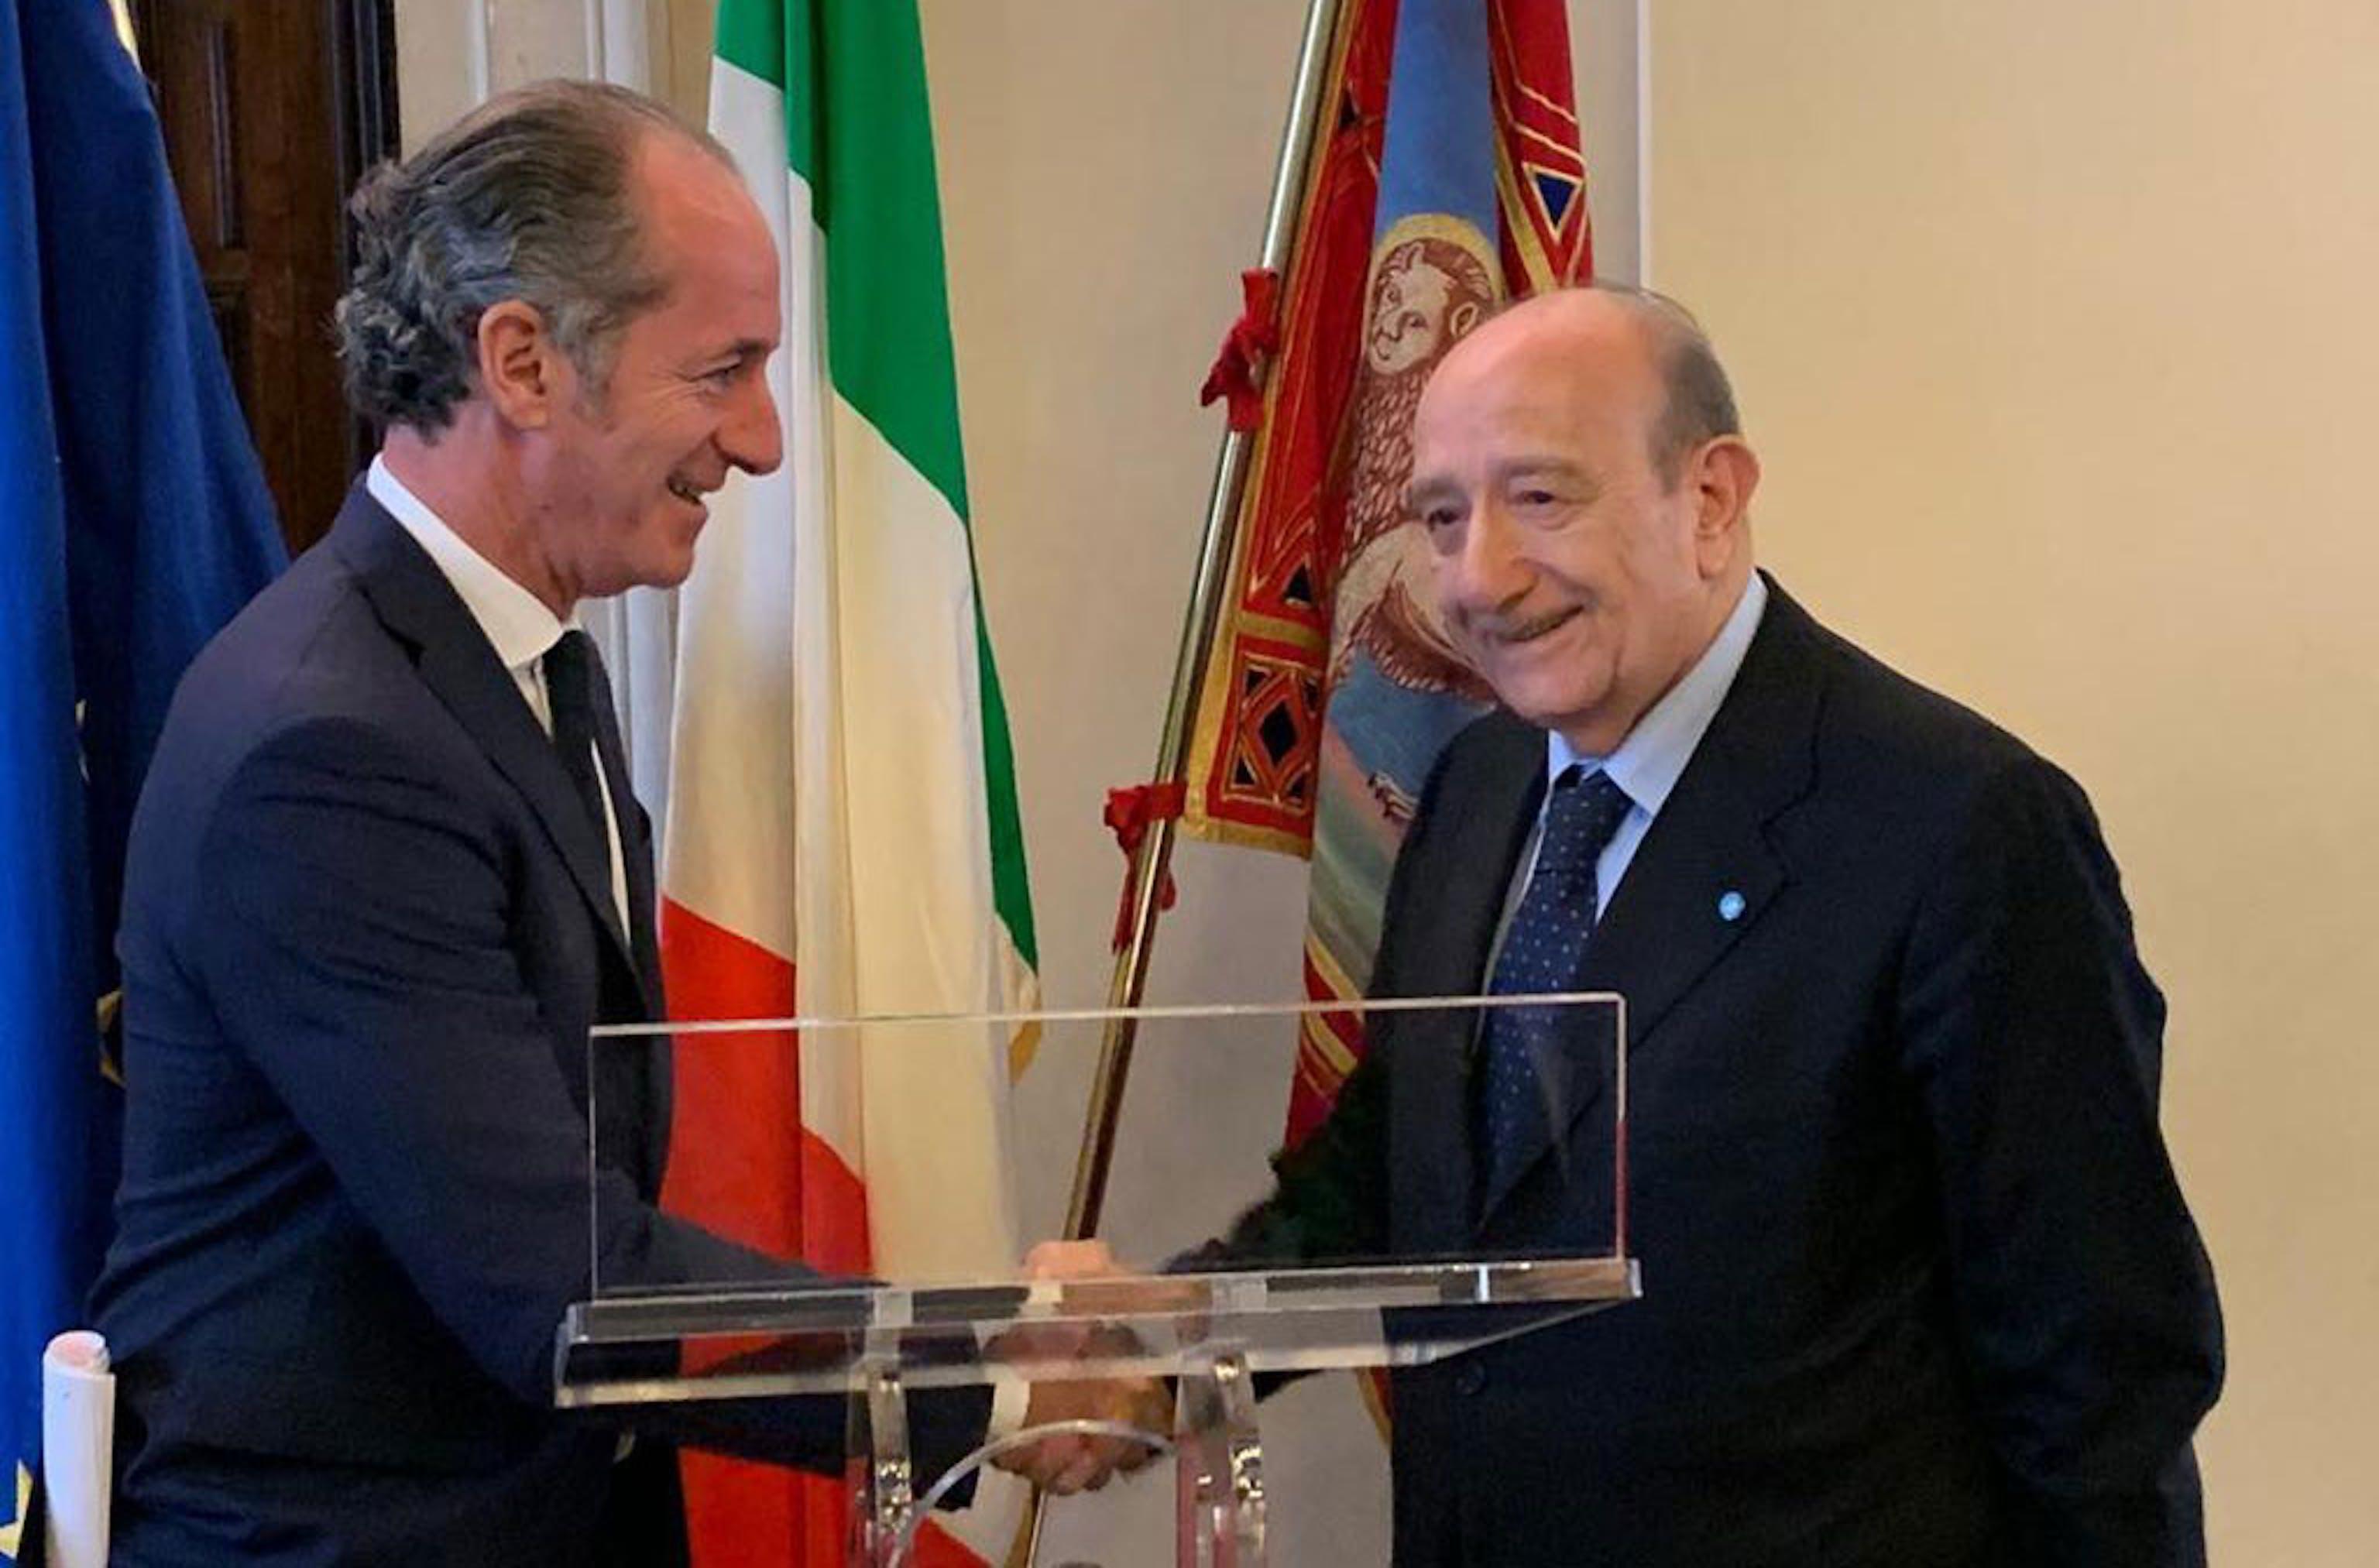 La stretta di mano tra il Presidente della Regione Veneto Luca Zaia e il Presidente dell'UNICEF Italia Francesco Samengo - ©UNICEF Italia/2019